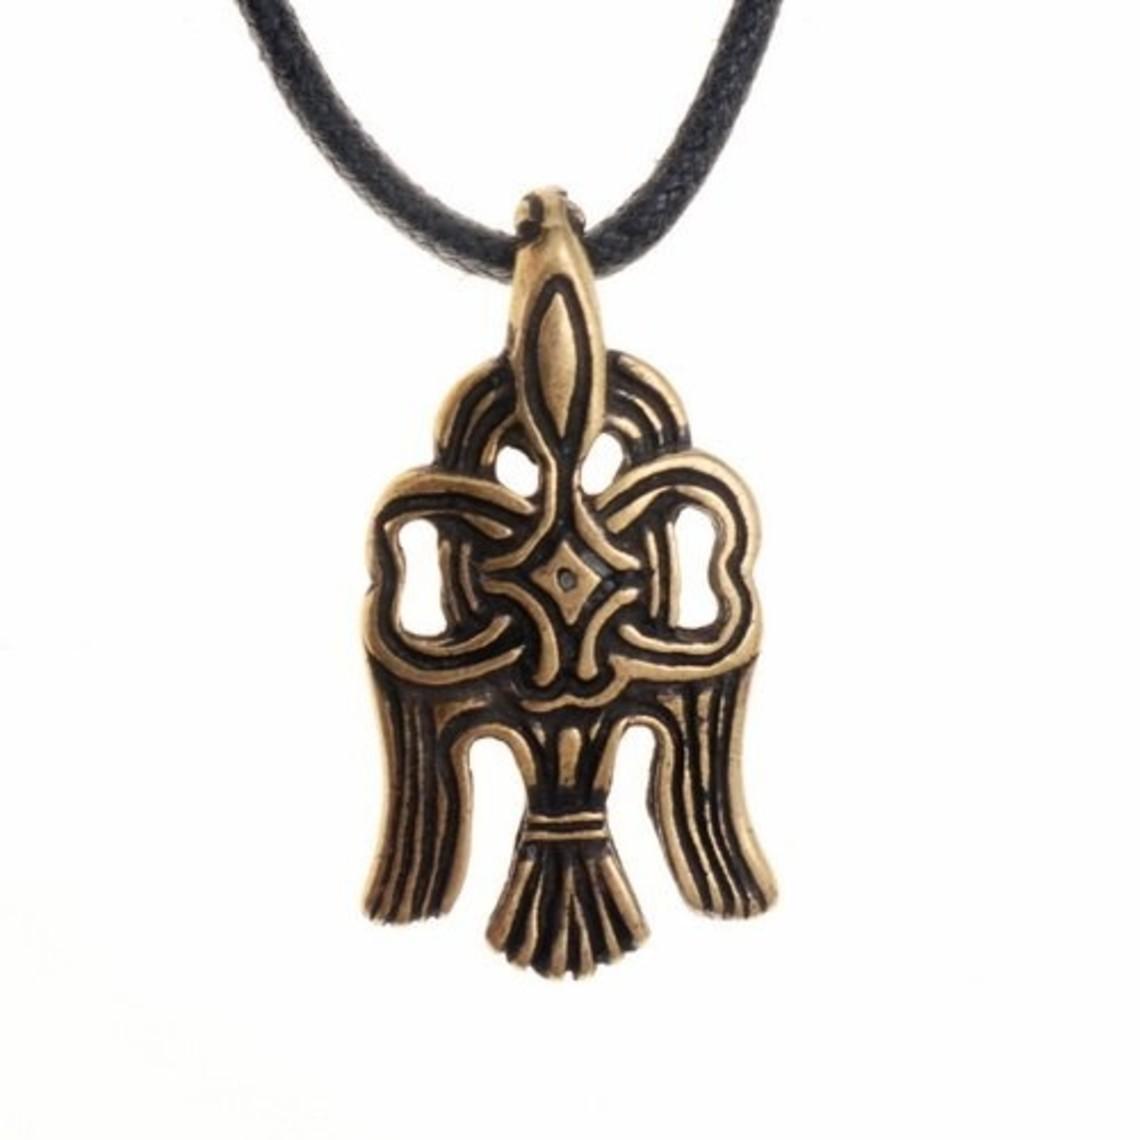 10 ° secolo Rusvik corvo amuleto